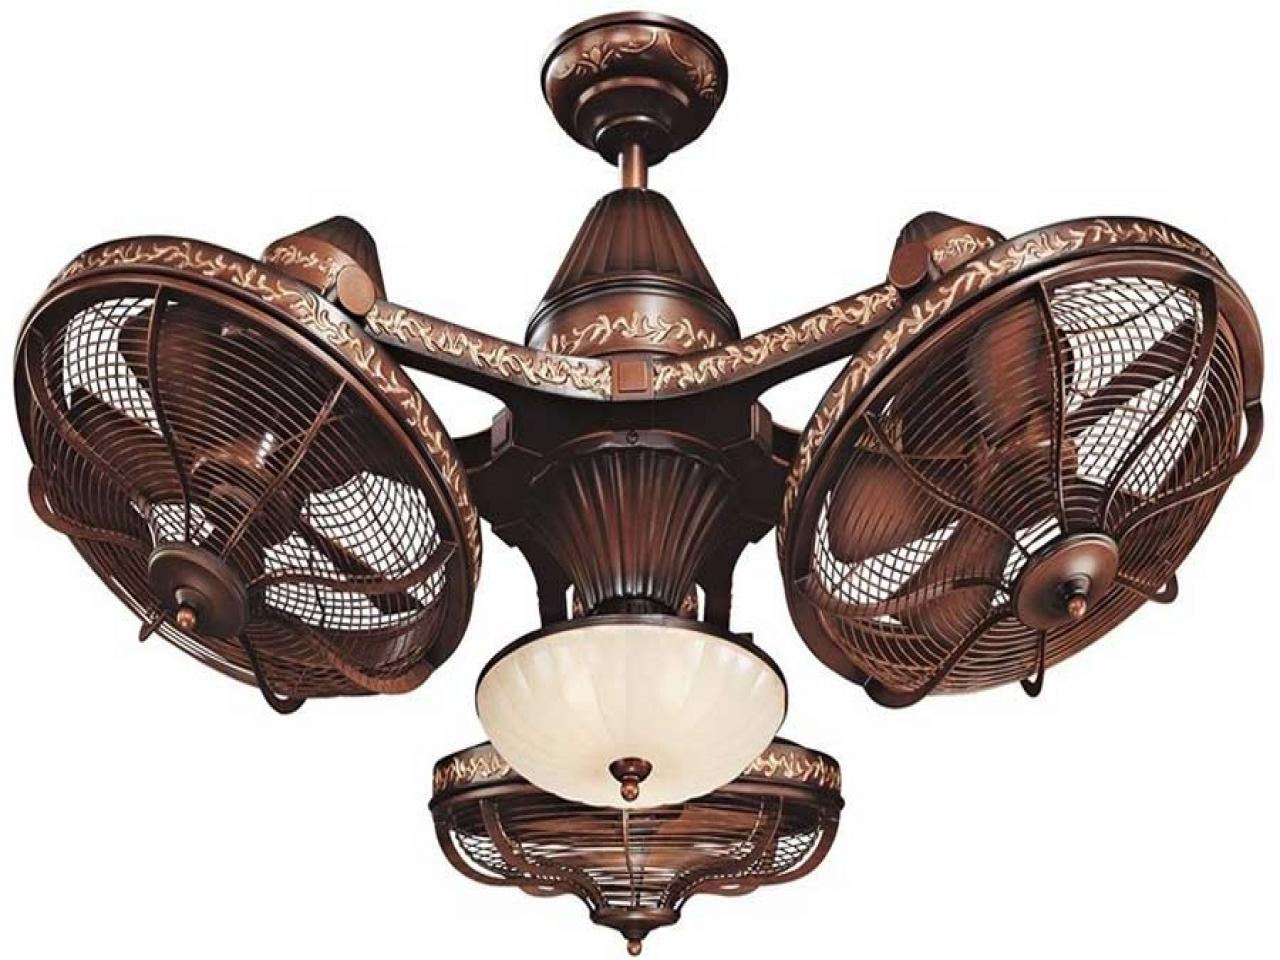 Newest Home Design Hunter Outdoor Ceiling Fan Tropical Fans Unique Regarding Unique Outdoor Ceiling Fans (View 6 of 20)